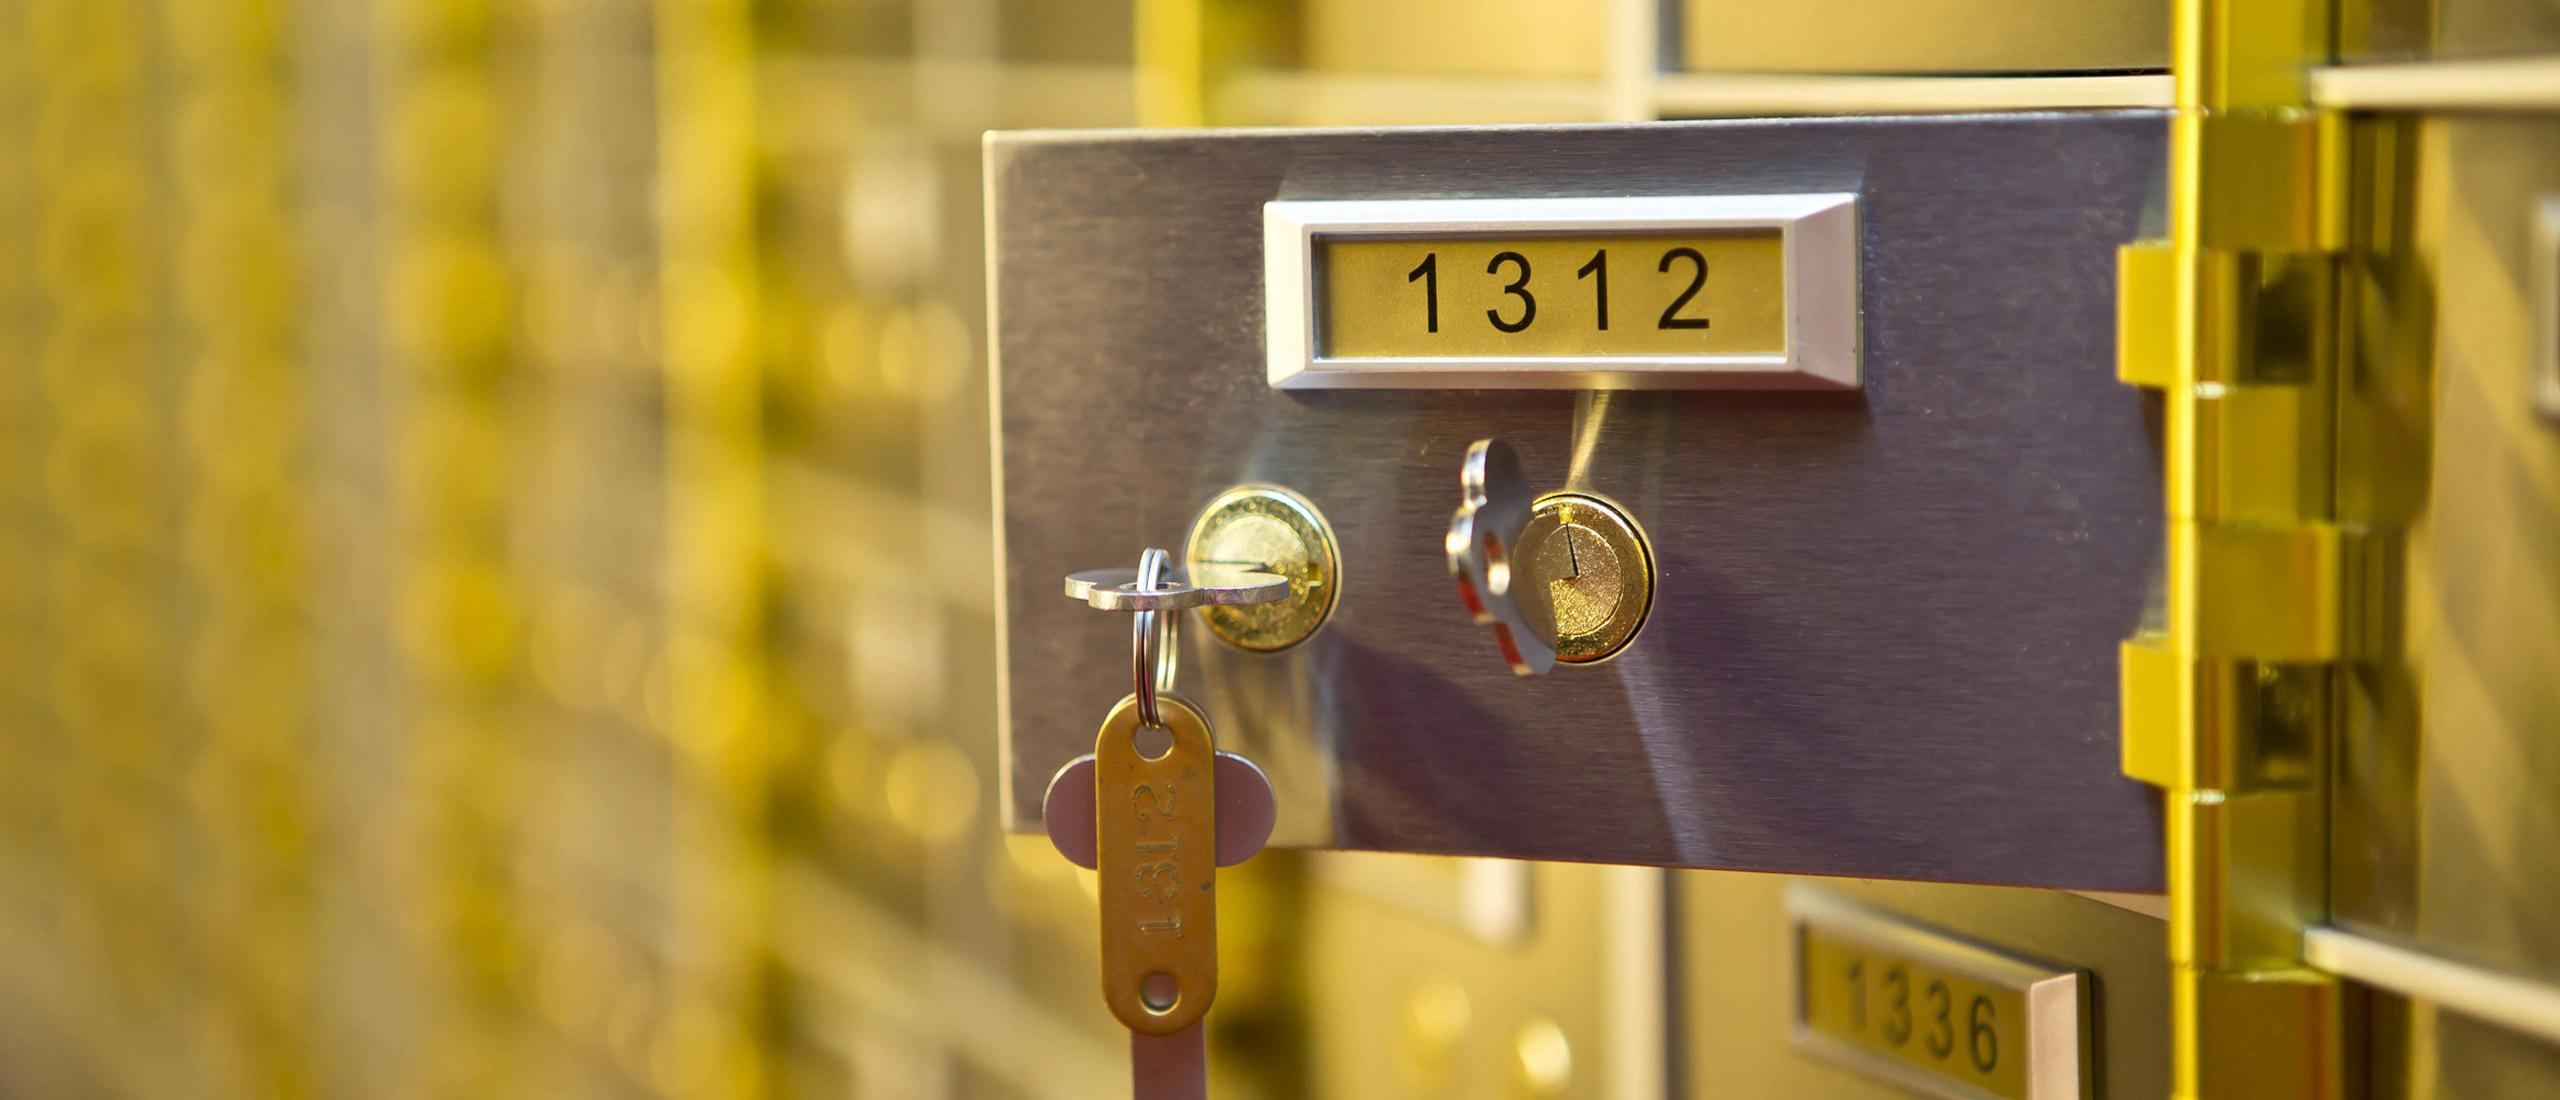 مدیریت و کنترل دسترسی ایمن مشتریان به صندوق امانات